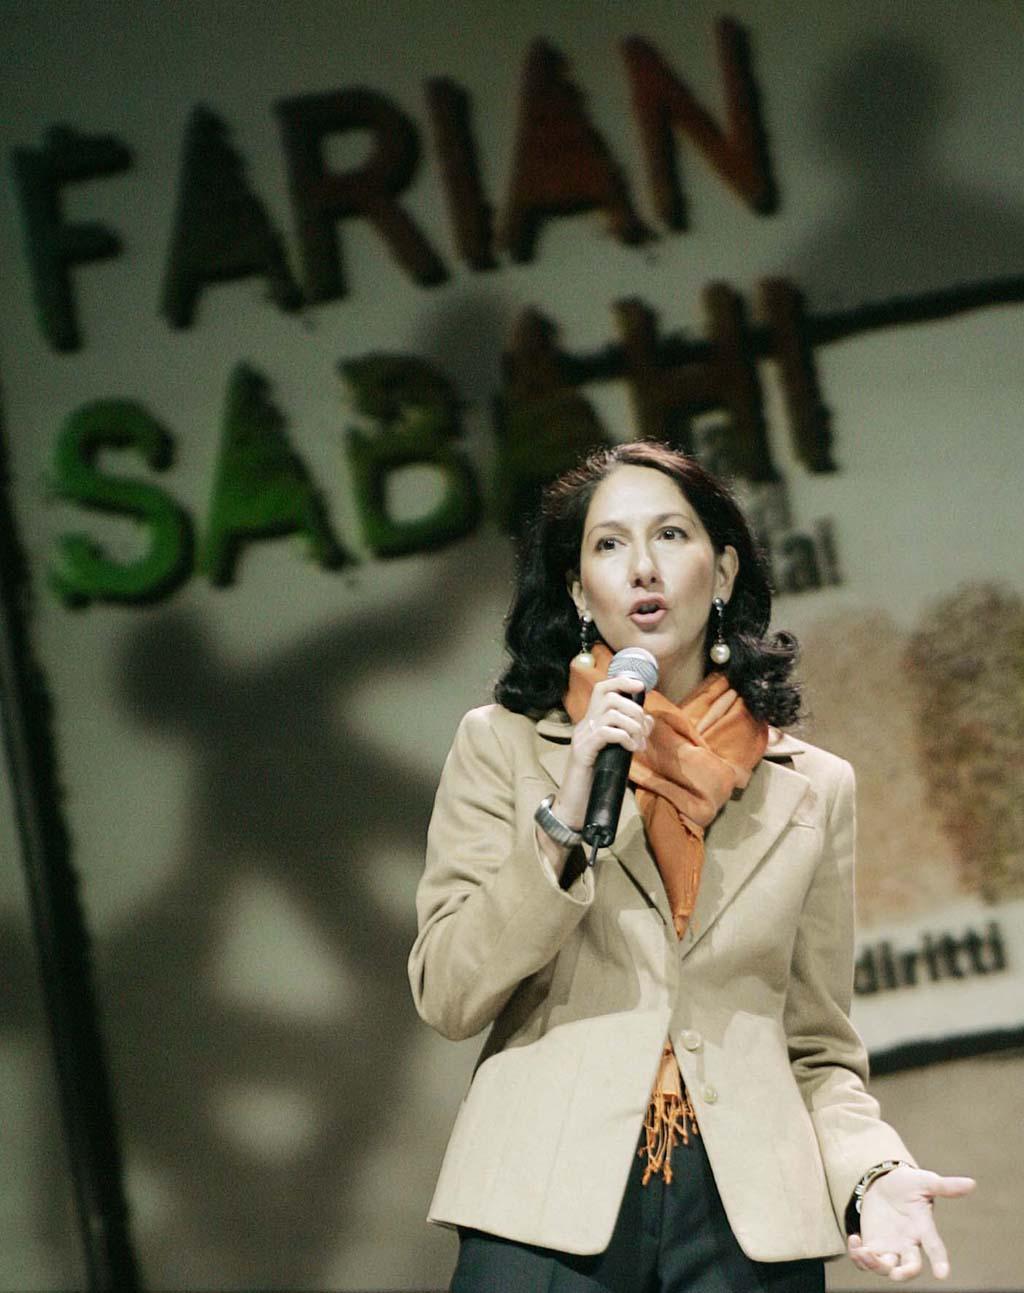 farian-sabahi-a-firenze